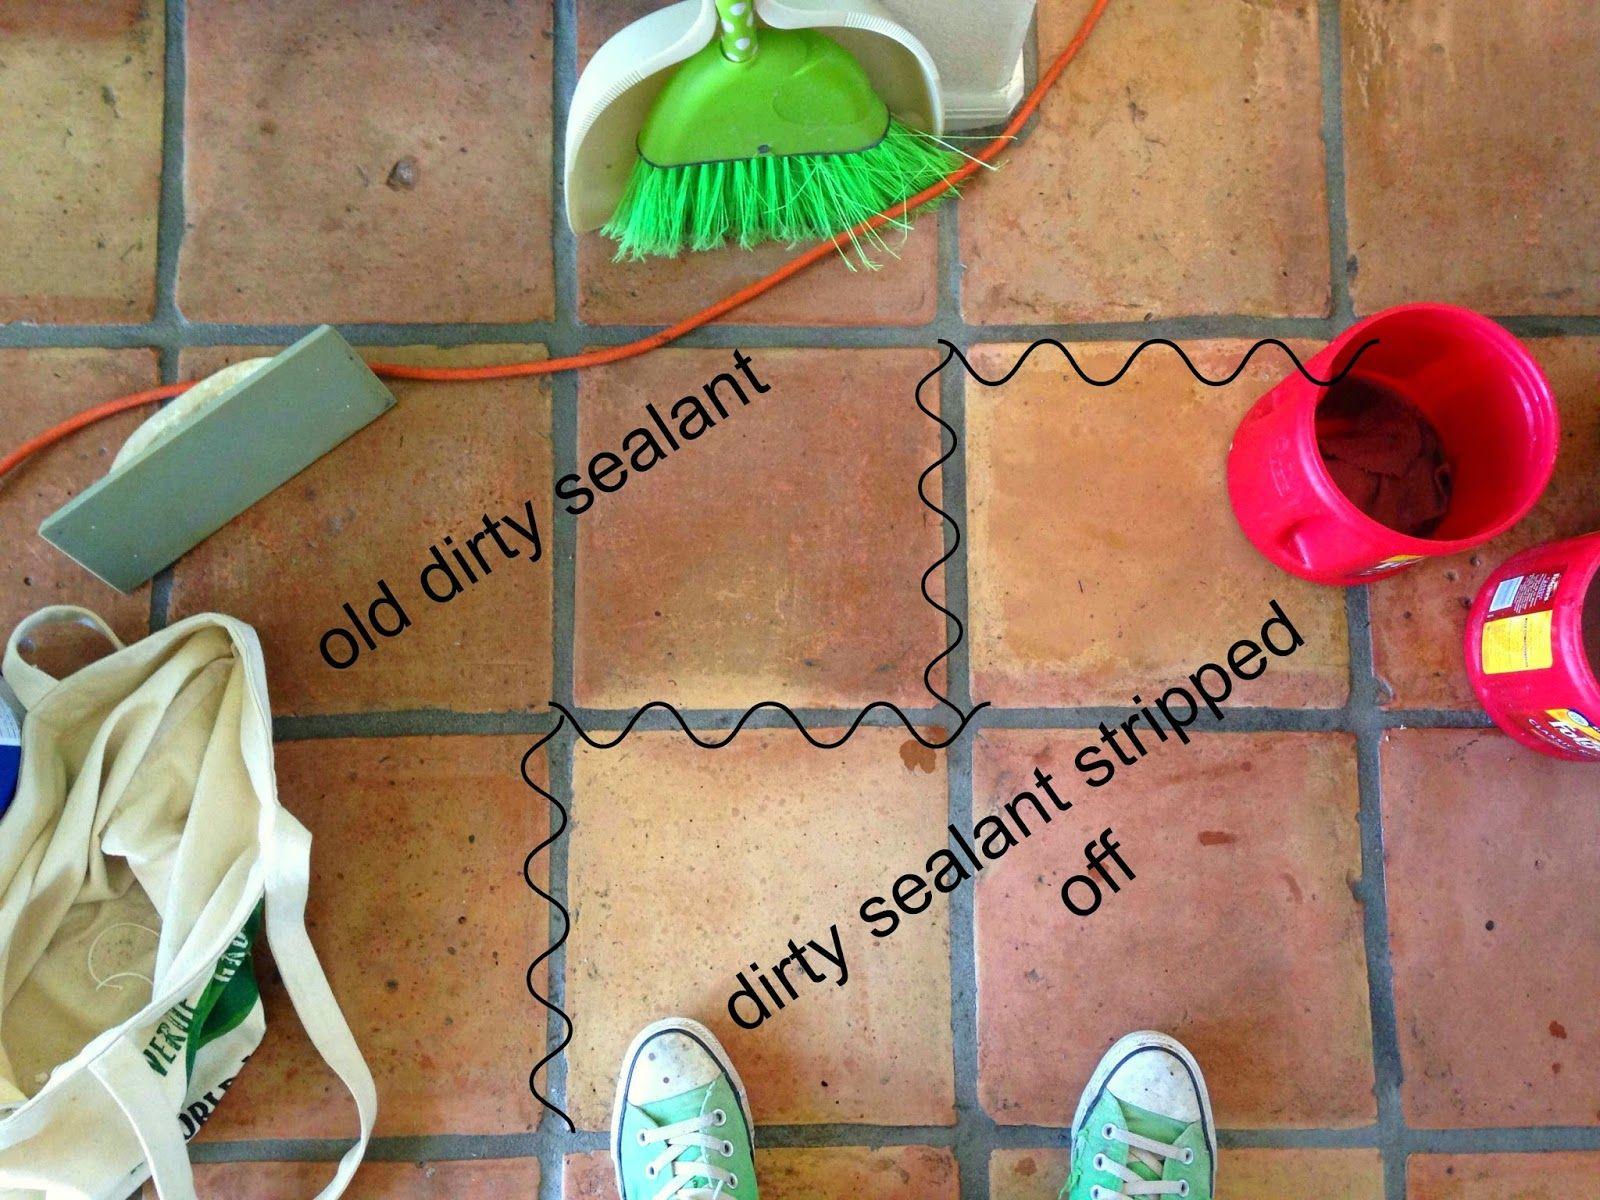 Hhow to strip saltillo tile floors strip saltillo tile strip hhow to strip saltillo tile floors strip saltillo tile strip terracotta tile floor ppazfo